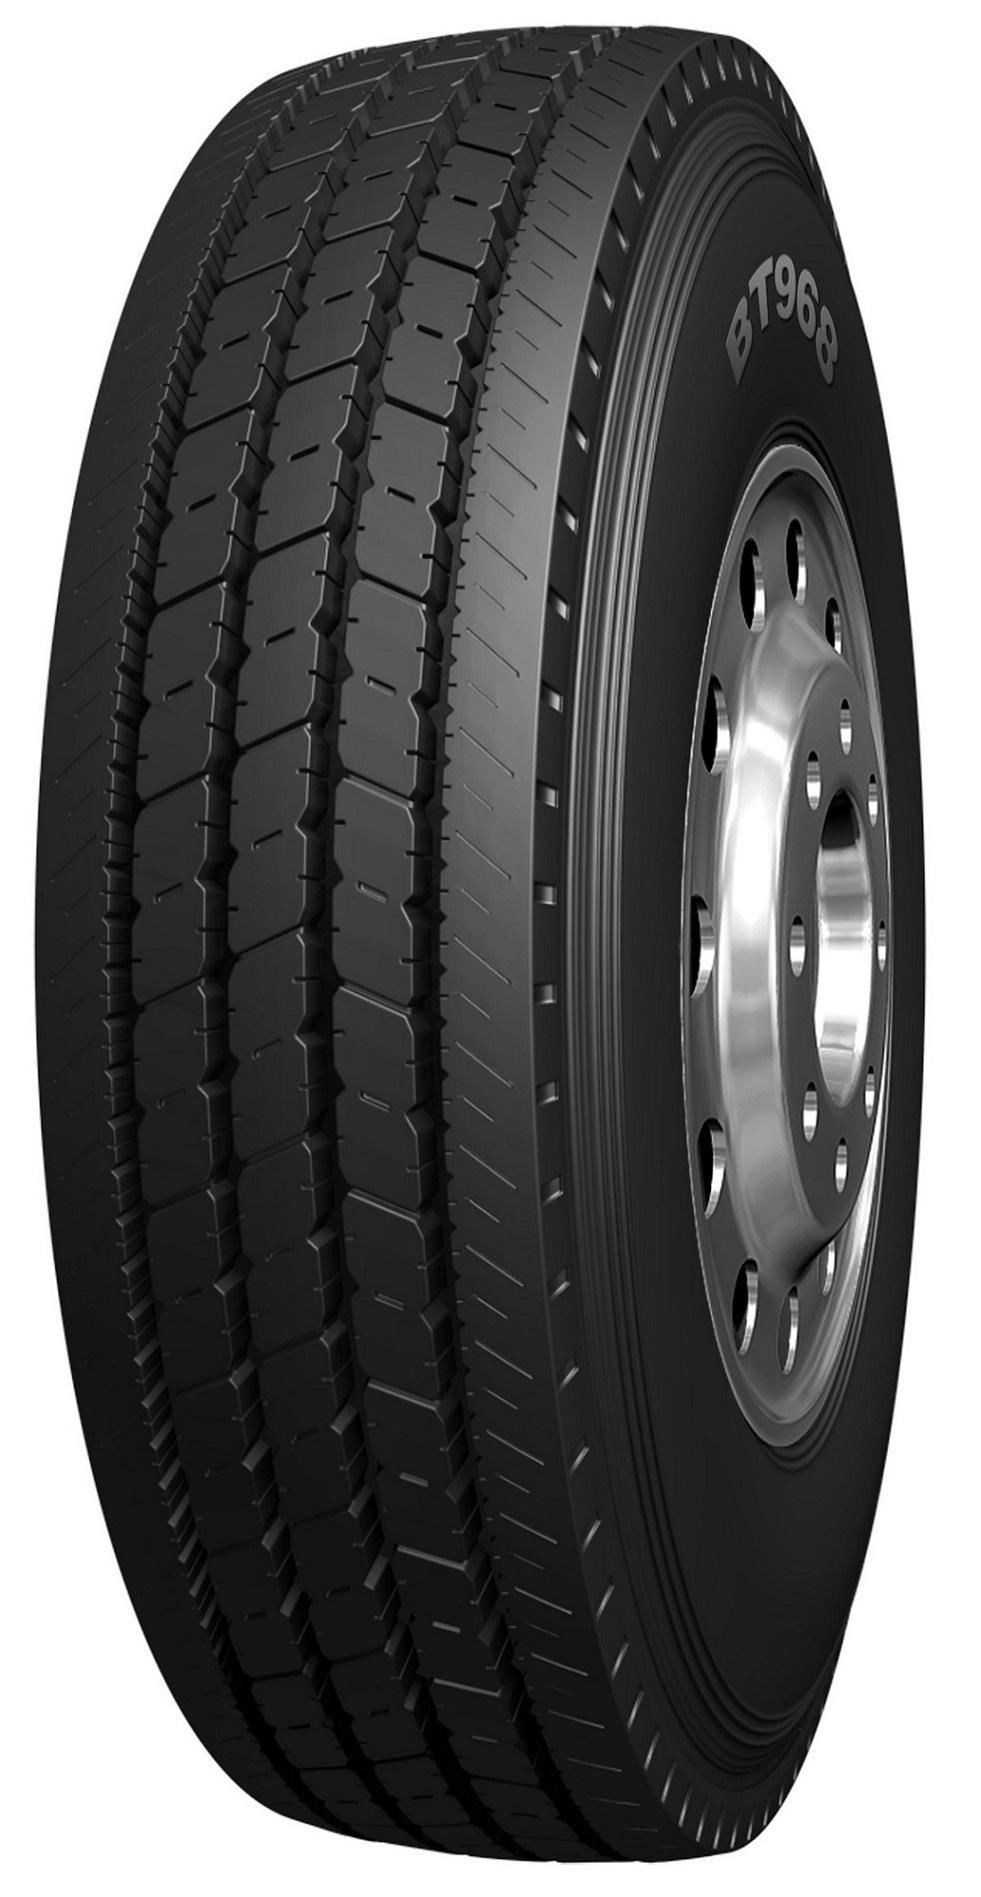 Heavy Duty Boto Radial Truck Trailer Tyre 1200r24